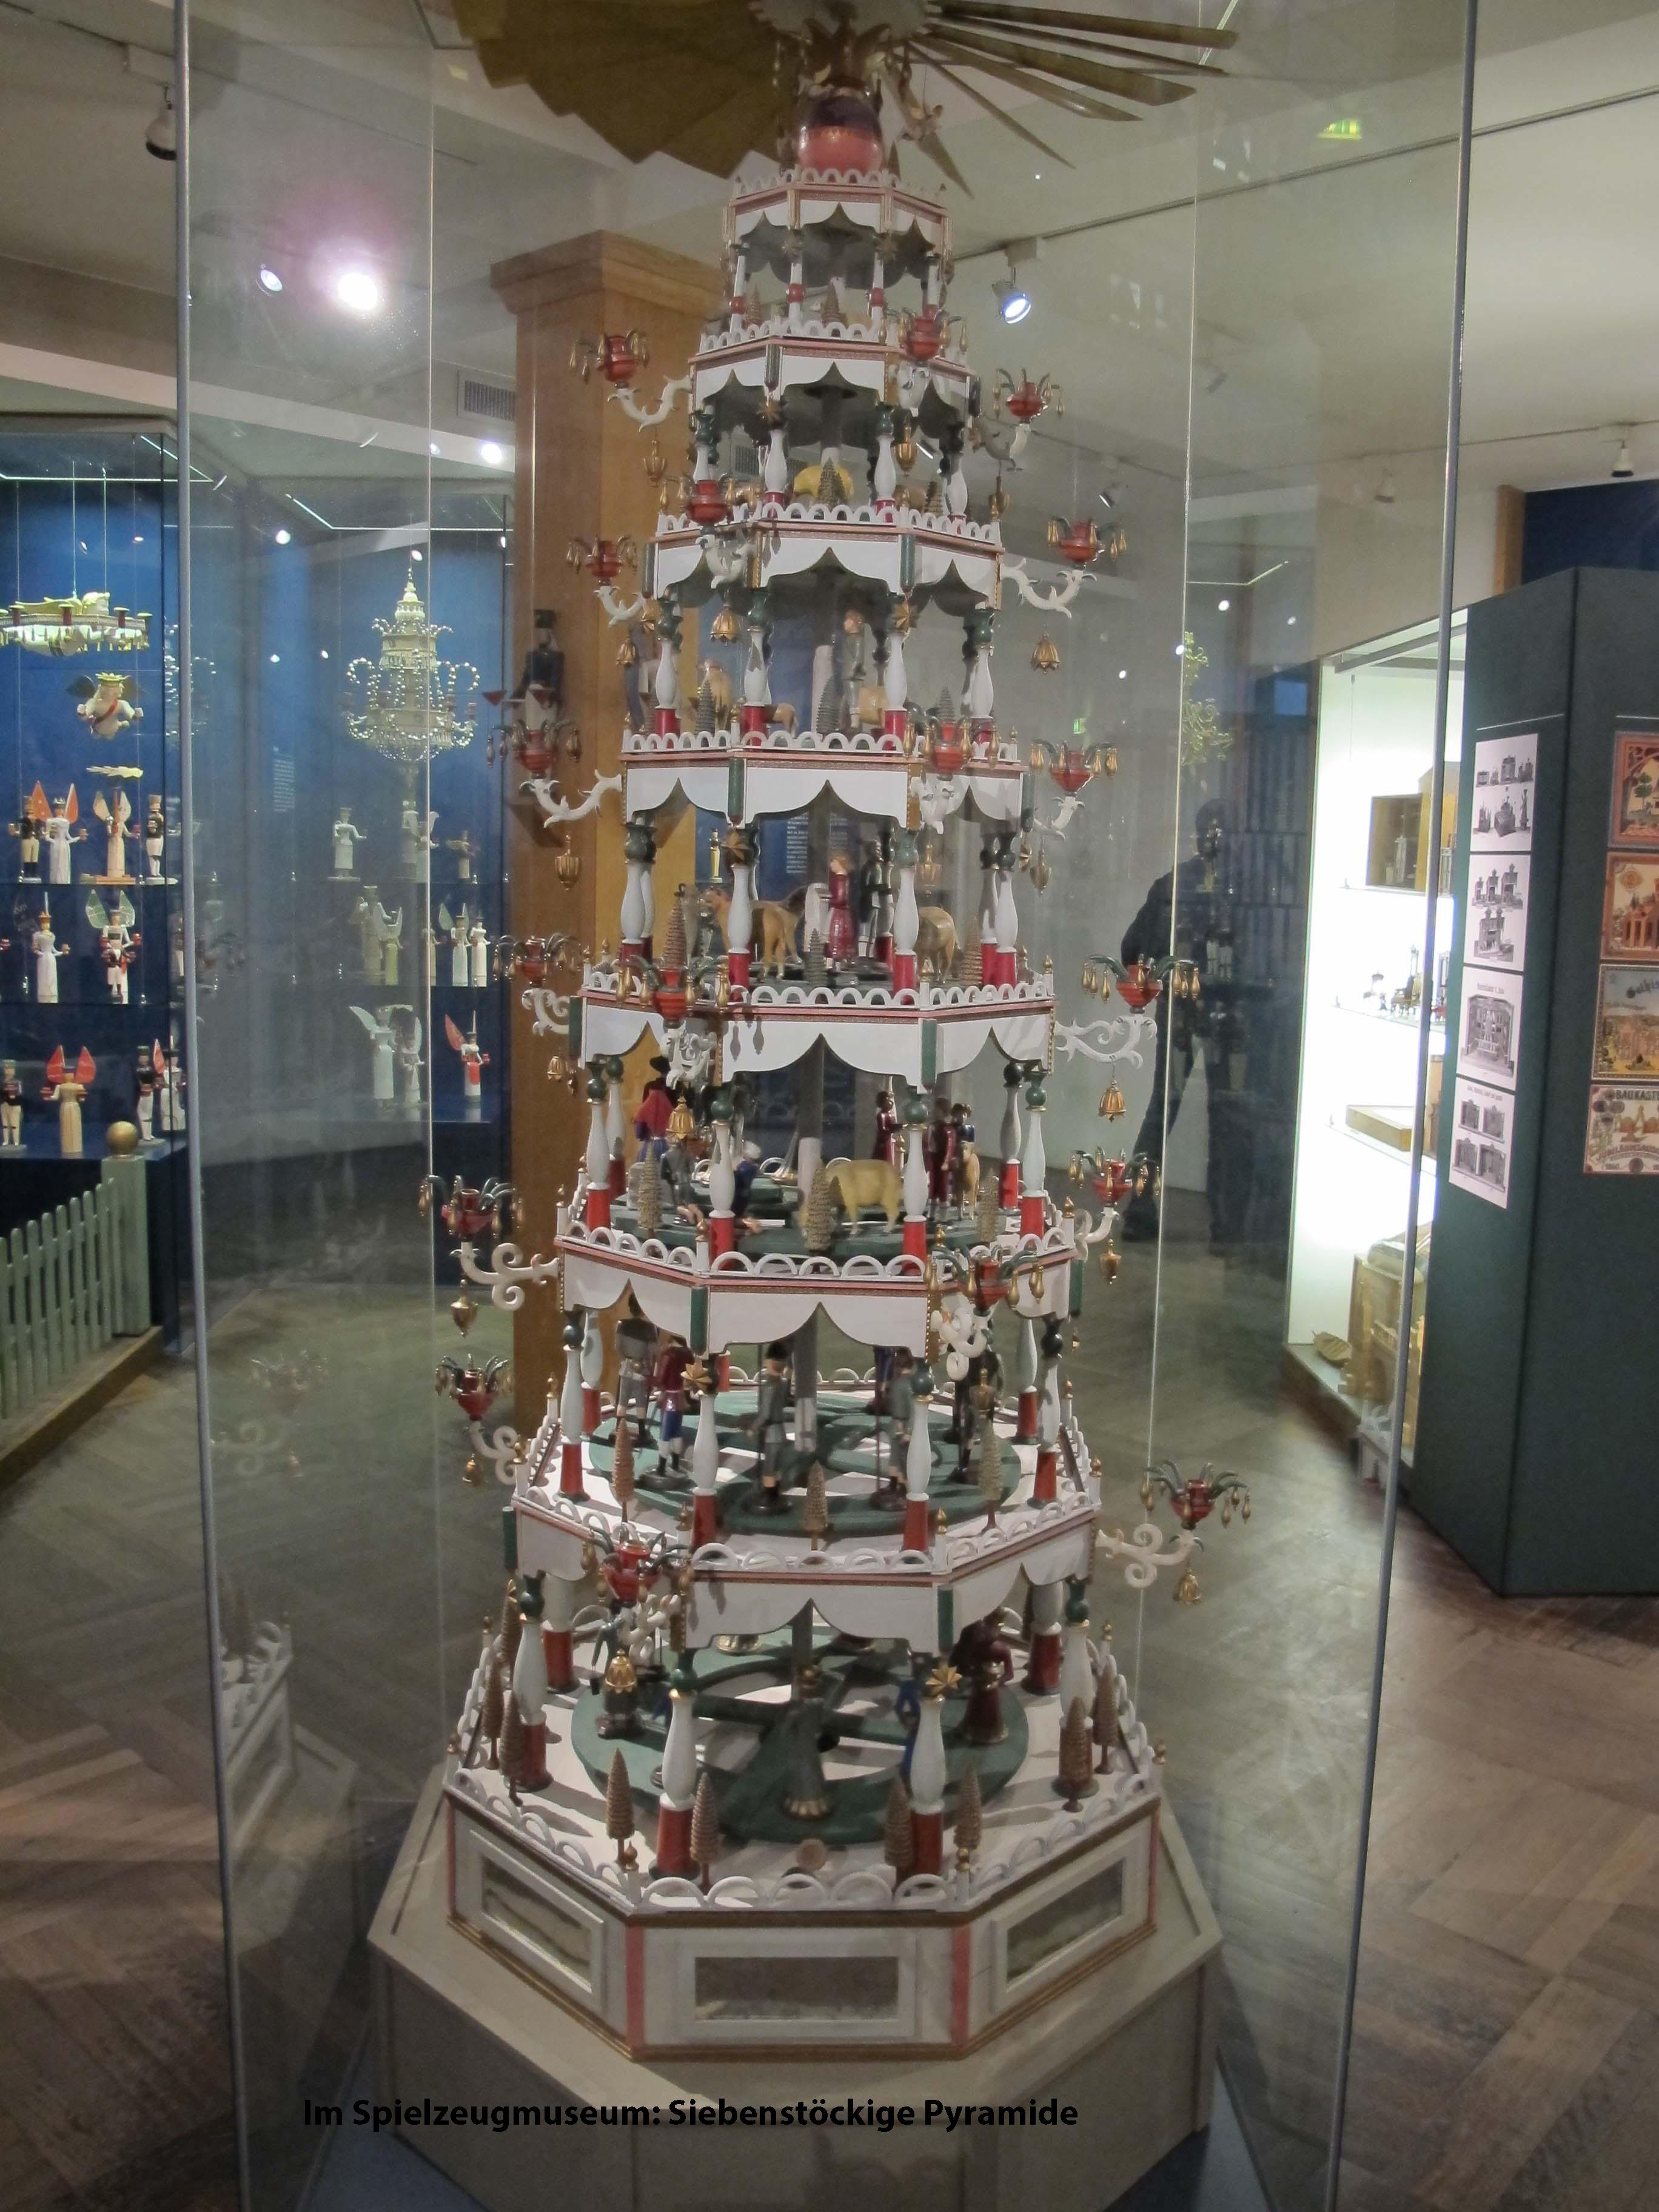 4Im Spielzeugmuseum